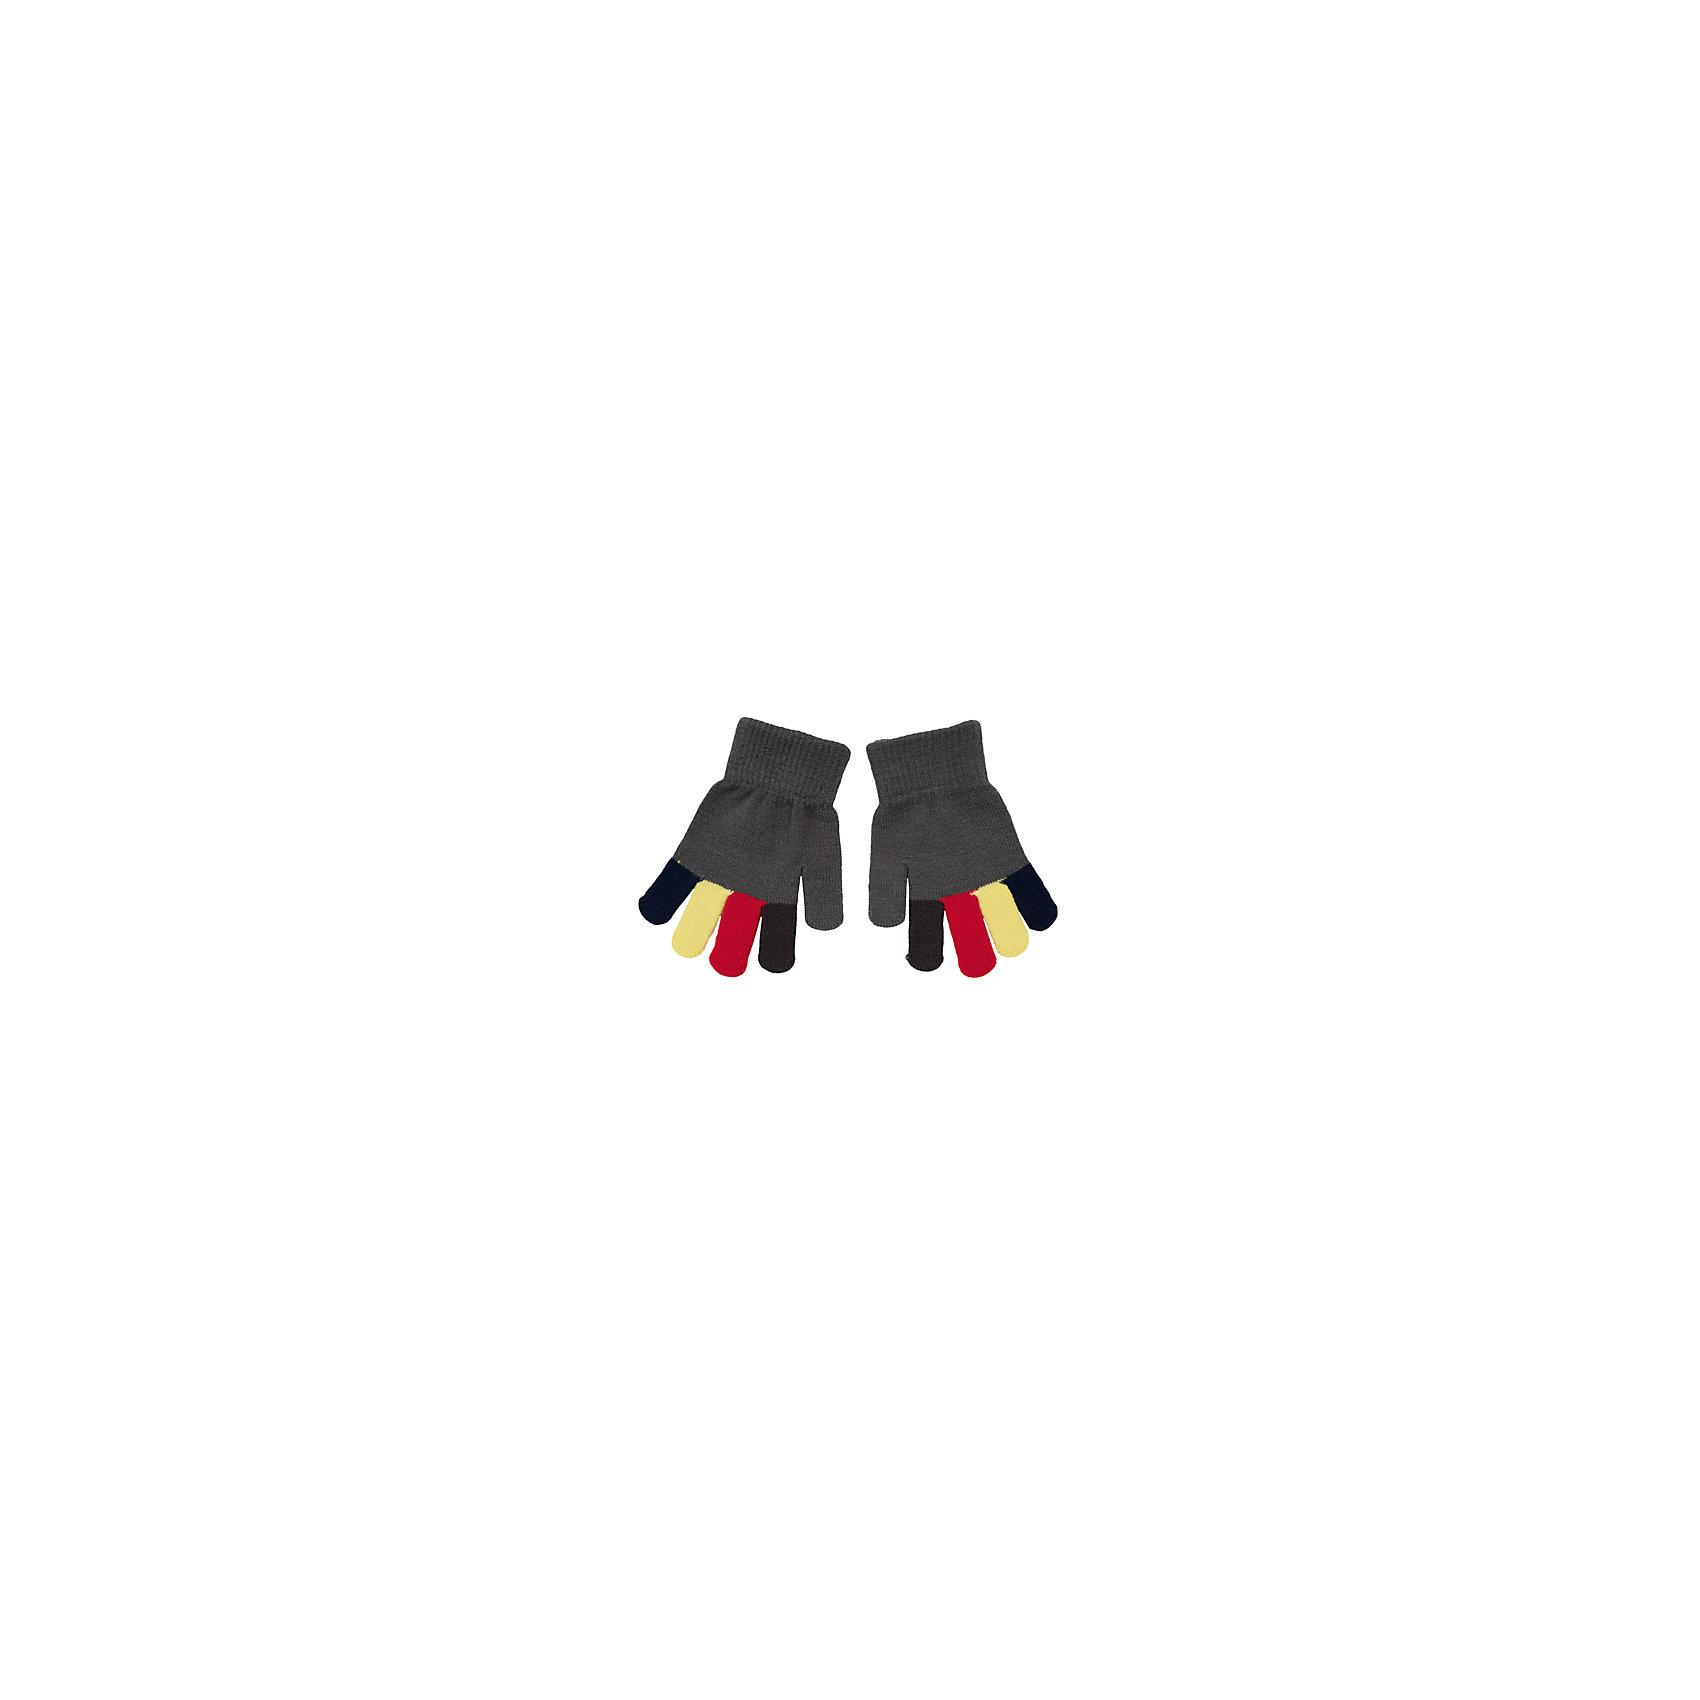 Перчатки для мальчика PlayTodayПерчатки, варежки<br>Перчатки для мальчика от известного бренда PlayToday.<br>Уютные перчатки поднимут настроение в холодную погоду. Все пальчики разных цветов в основной гамме коллекции. Верх на мягкой резинке.<br>Состав:<br>100% акрил<br><br>Ширина мм: 162<br>Глубина мм: 171<br>Высота мм: 55<br>Вес г: 119<br>Цвет: разноцветный<br>Возраст от месяцев: 72<br>Возраст до месяцев: 96<br>Пол: Мужской<br>Возраст: Детский<br>Размер: 15,13,14<br>SKU: 4896697